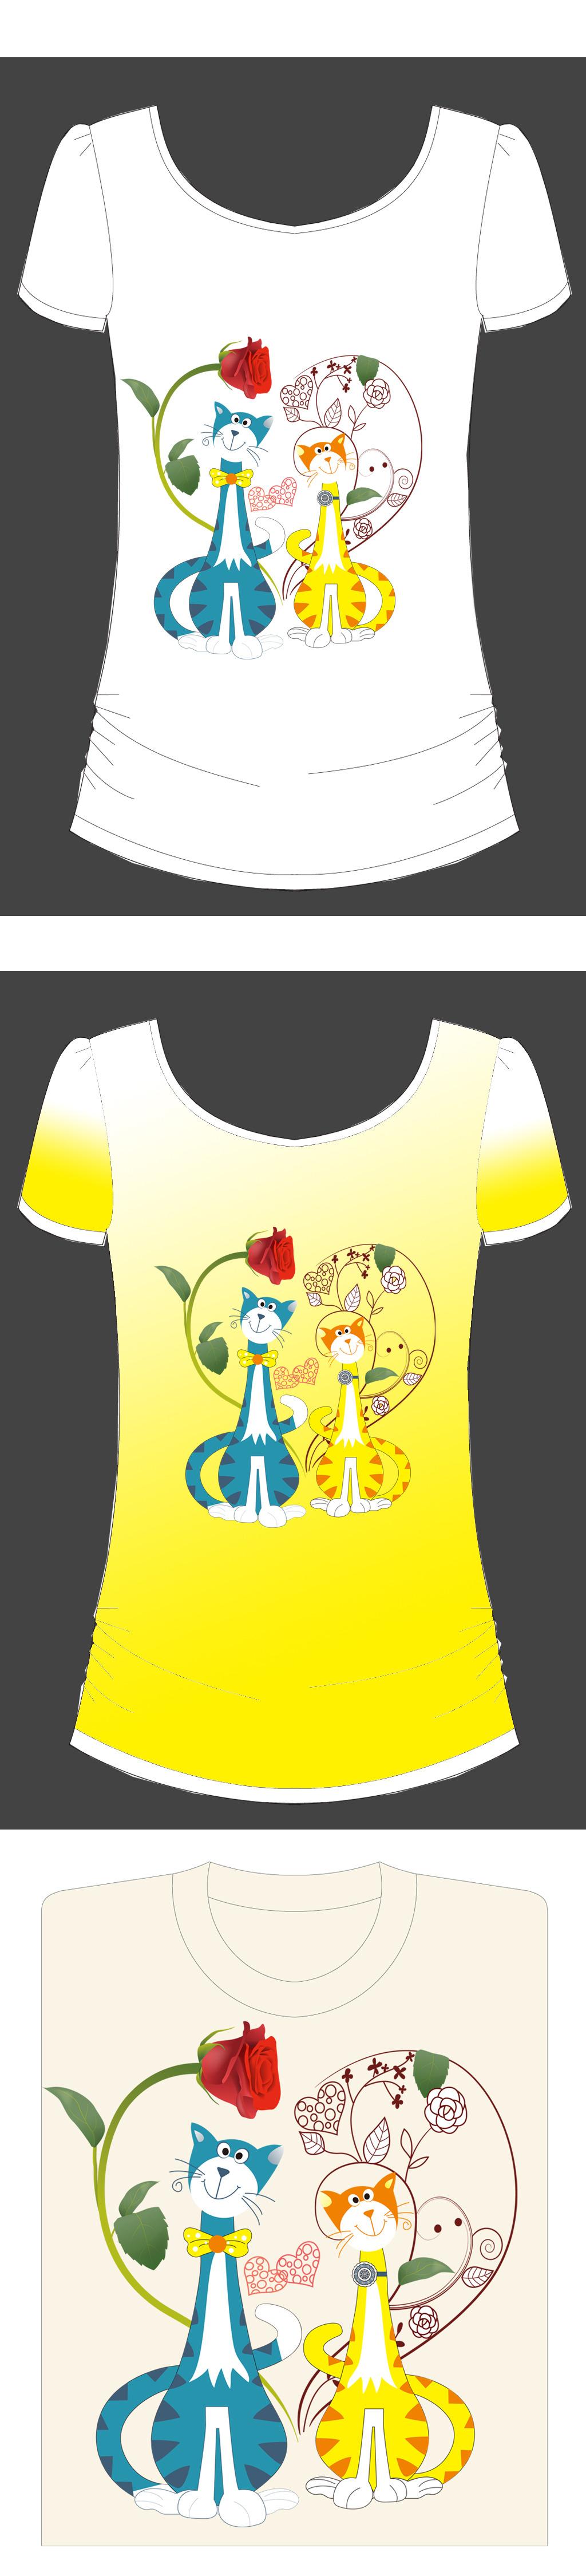 爱心猫咪女式t恤图案